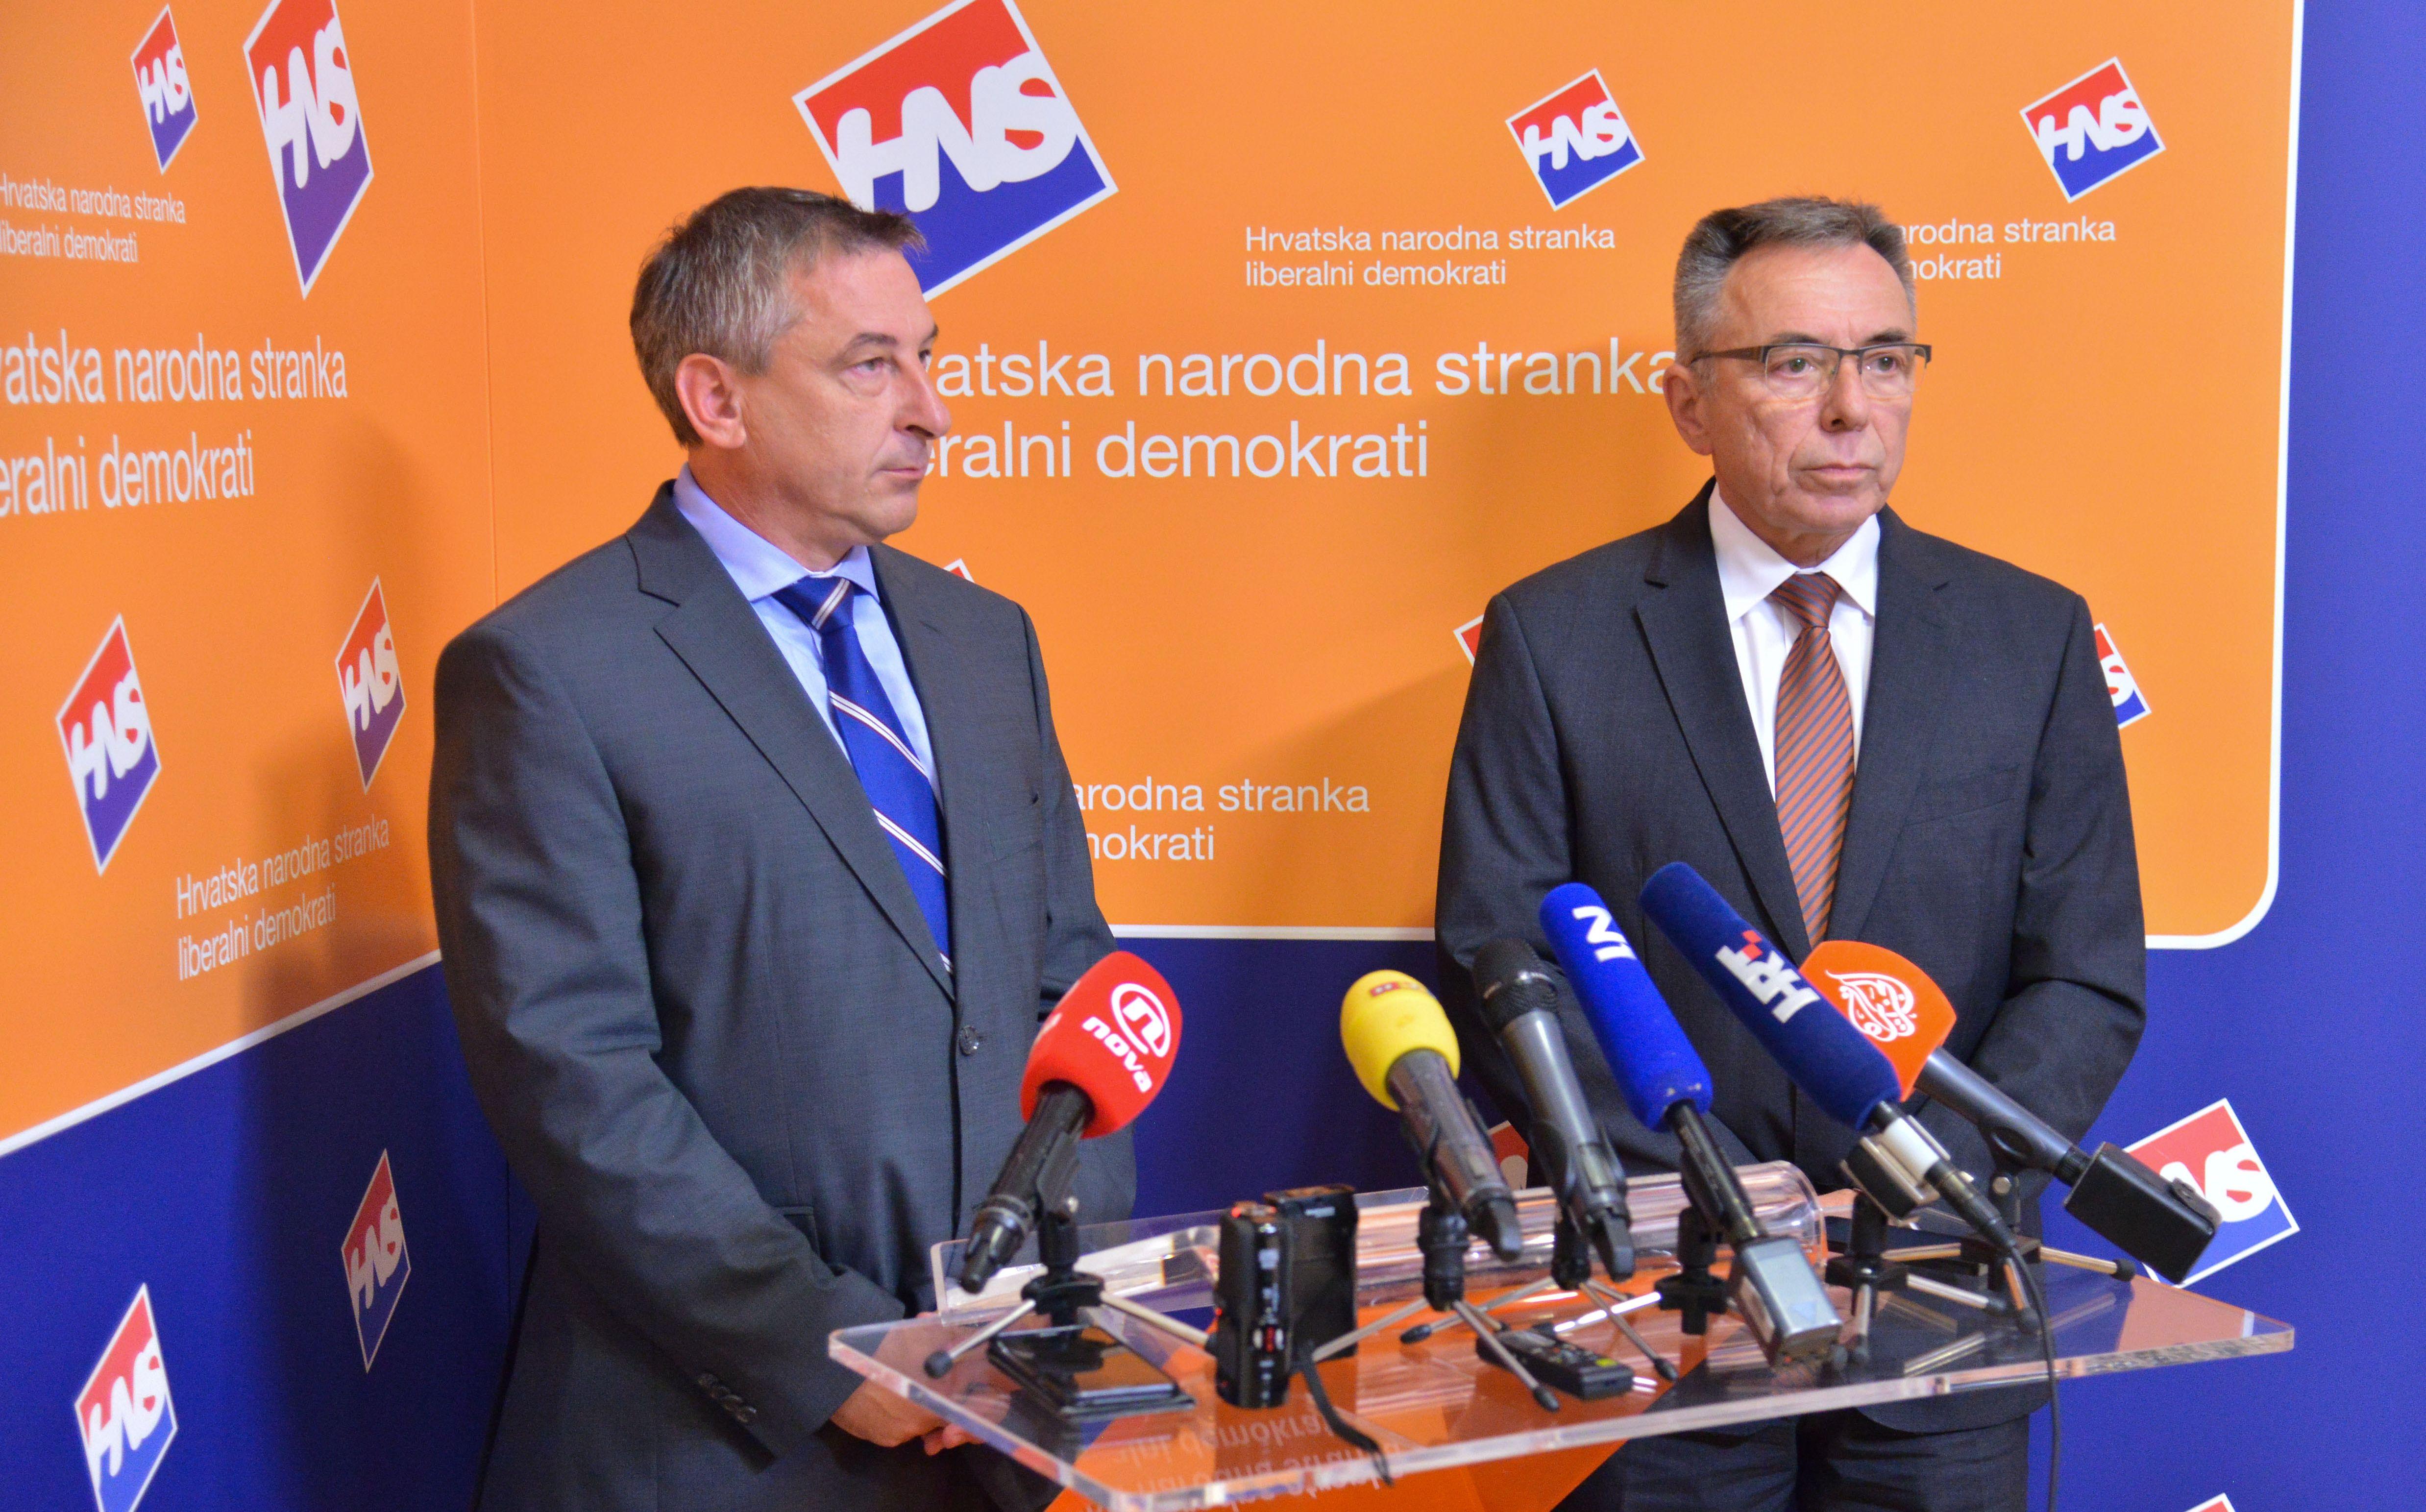 UZDRMANA VLADAJUĆA KOALICIJA – HNS: Oštro osuđujemo skandaloznu izjavu gradonačelnika Vukovara